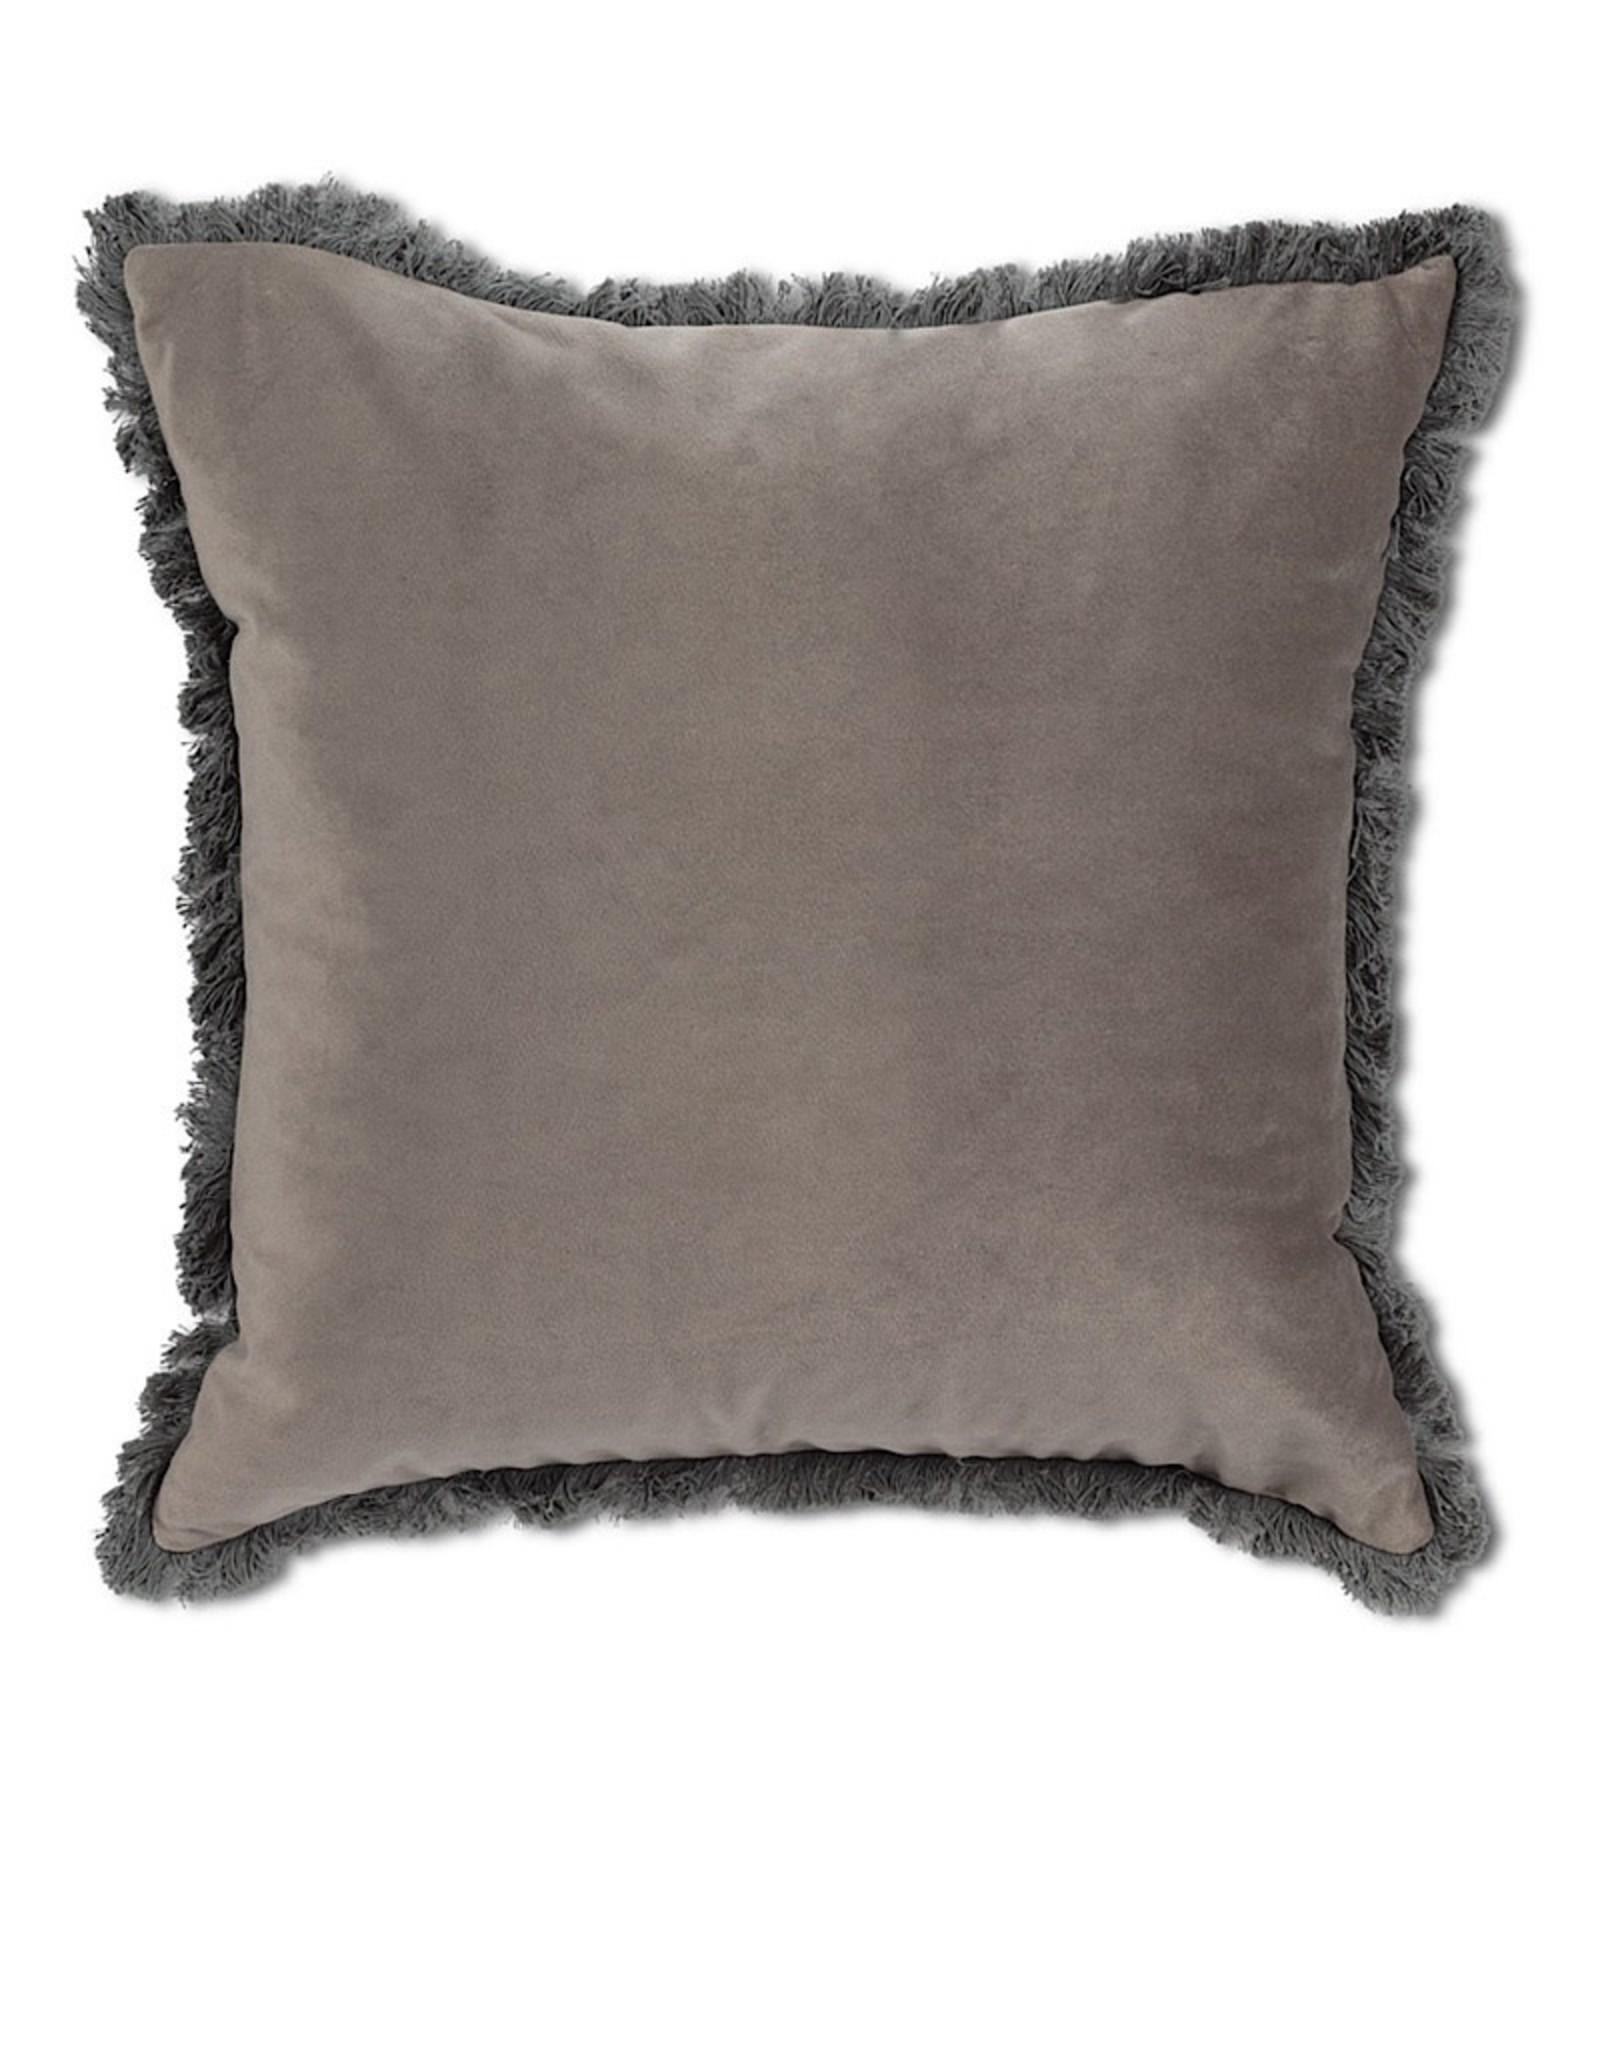 Velvet Pillow with Fringe Light Gray 18¨ square